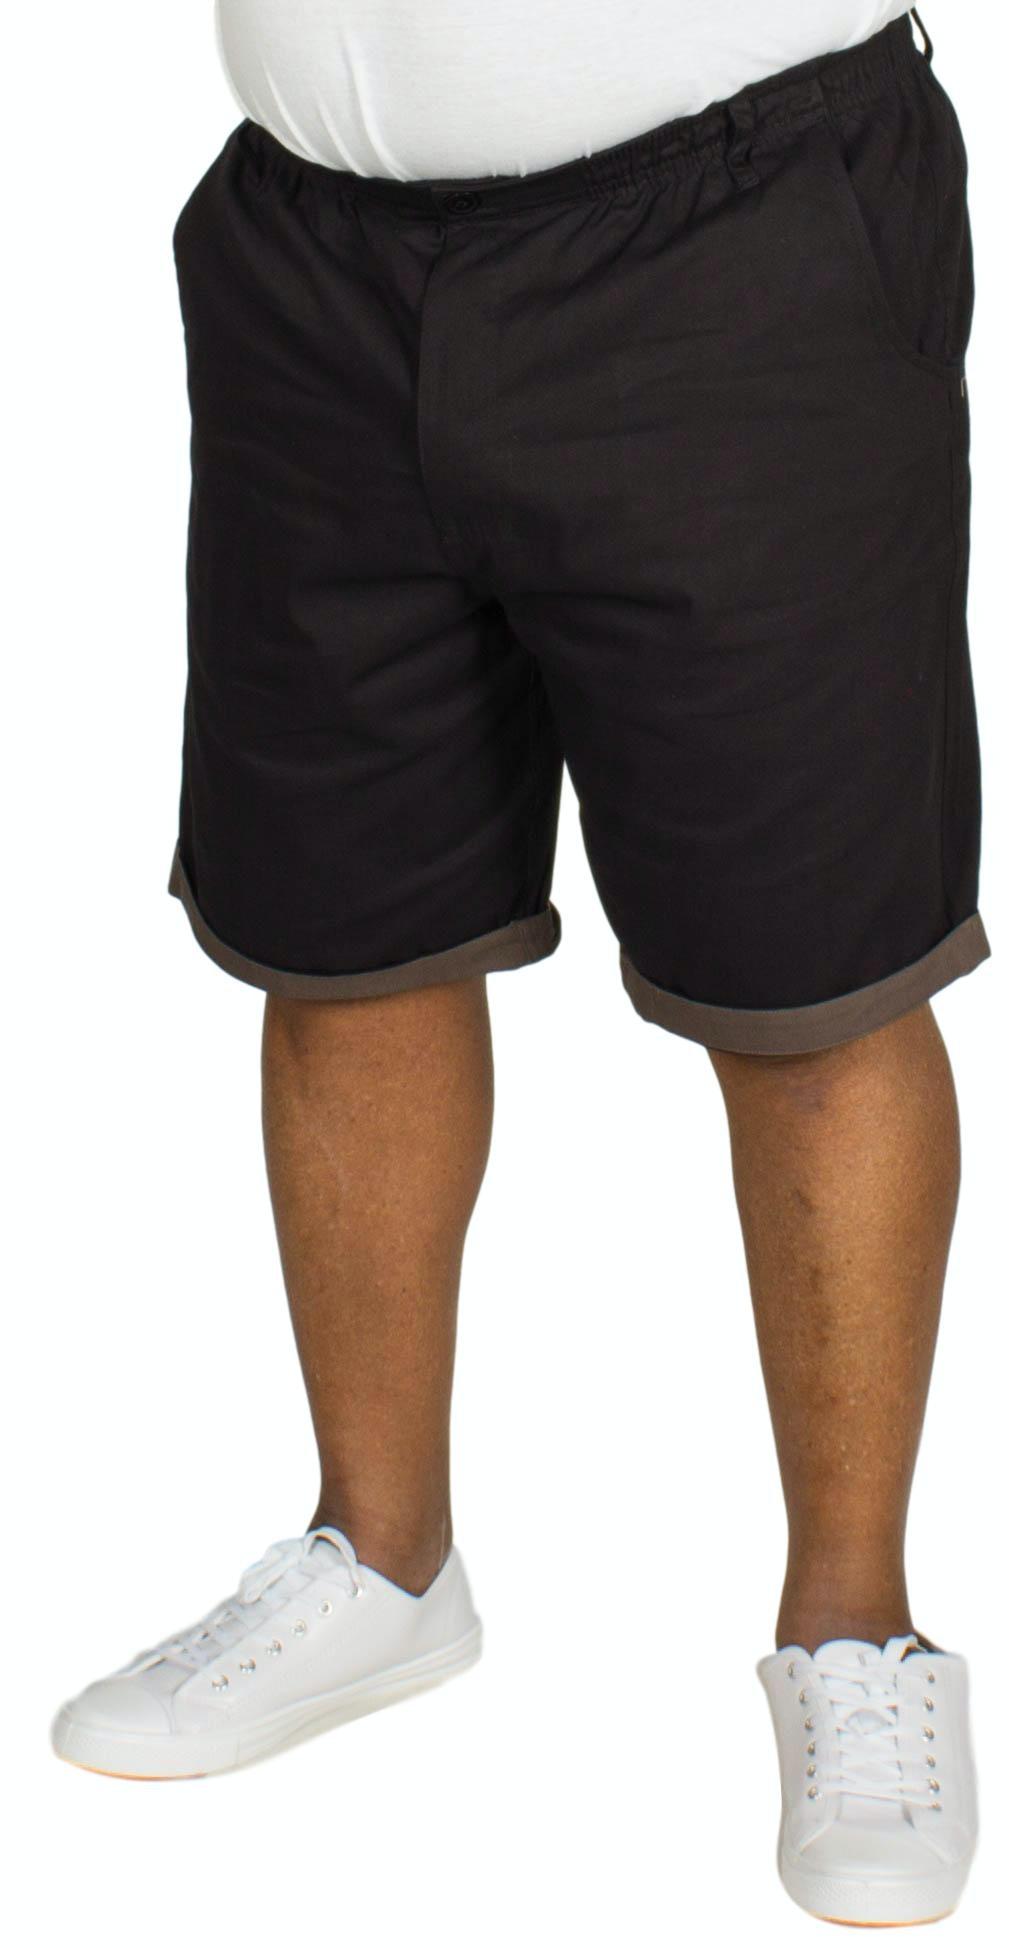 Bigdude Elasticated Waist Chino Shorts Black